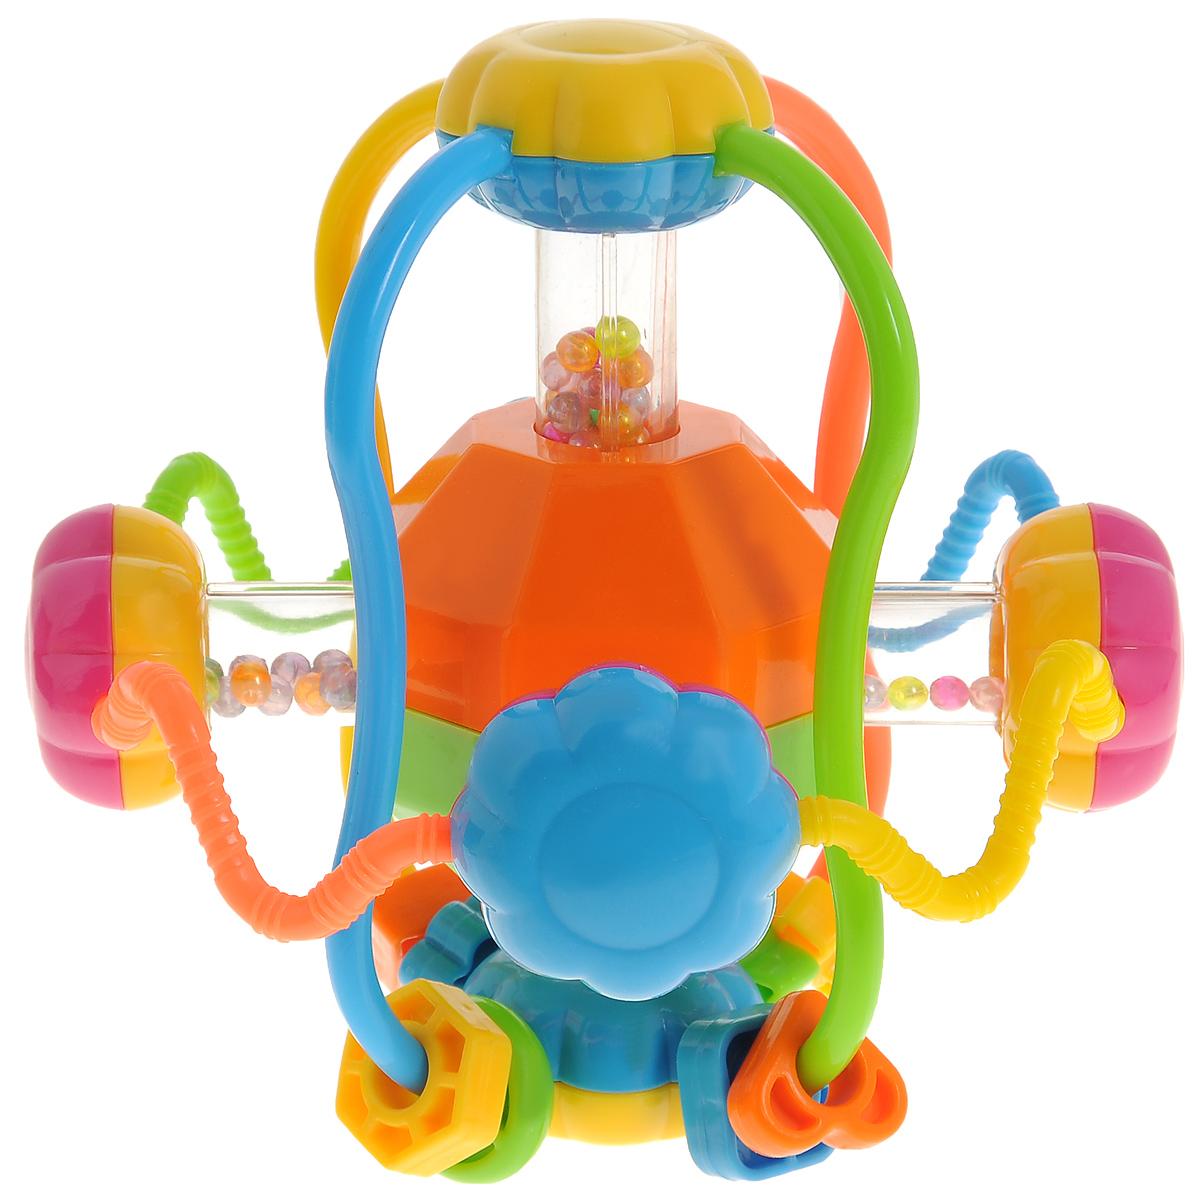 Погремушка-шар Mioshi ЛабиринтTY9051Погремушка-шар Mioshi Лабиринт - яркая погремушка для детей от 6 месяцев. Эта игрушка создаст очень благоприятное впечатление у ребенка и заинтересует своими звуками. Во время игры малыш получает возможность развивать координацию движений, слух, абстрактное воображение, внимательность, а множество цветных деталей надолго привлекают к себе внимание. Дети в раннем возрасте всегда очень любознательны, они тщательно исследуют все, что попадает им в руки. Считается, что геометрические фигуры в качестве первых игрушек ребенка являются наиболее удачным стартом для его дальнейшего обучения и развития. Заботясь о здоровье и безопасности малышей, Mioshi выпускает только качественную продукцию, которая прошла сертификацию.